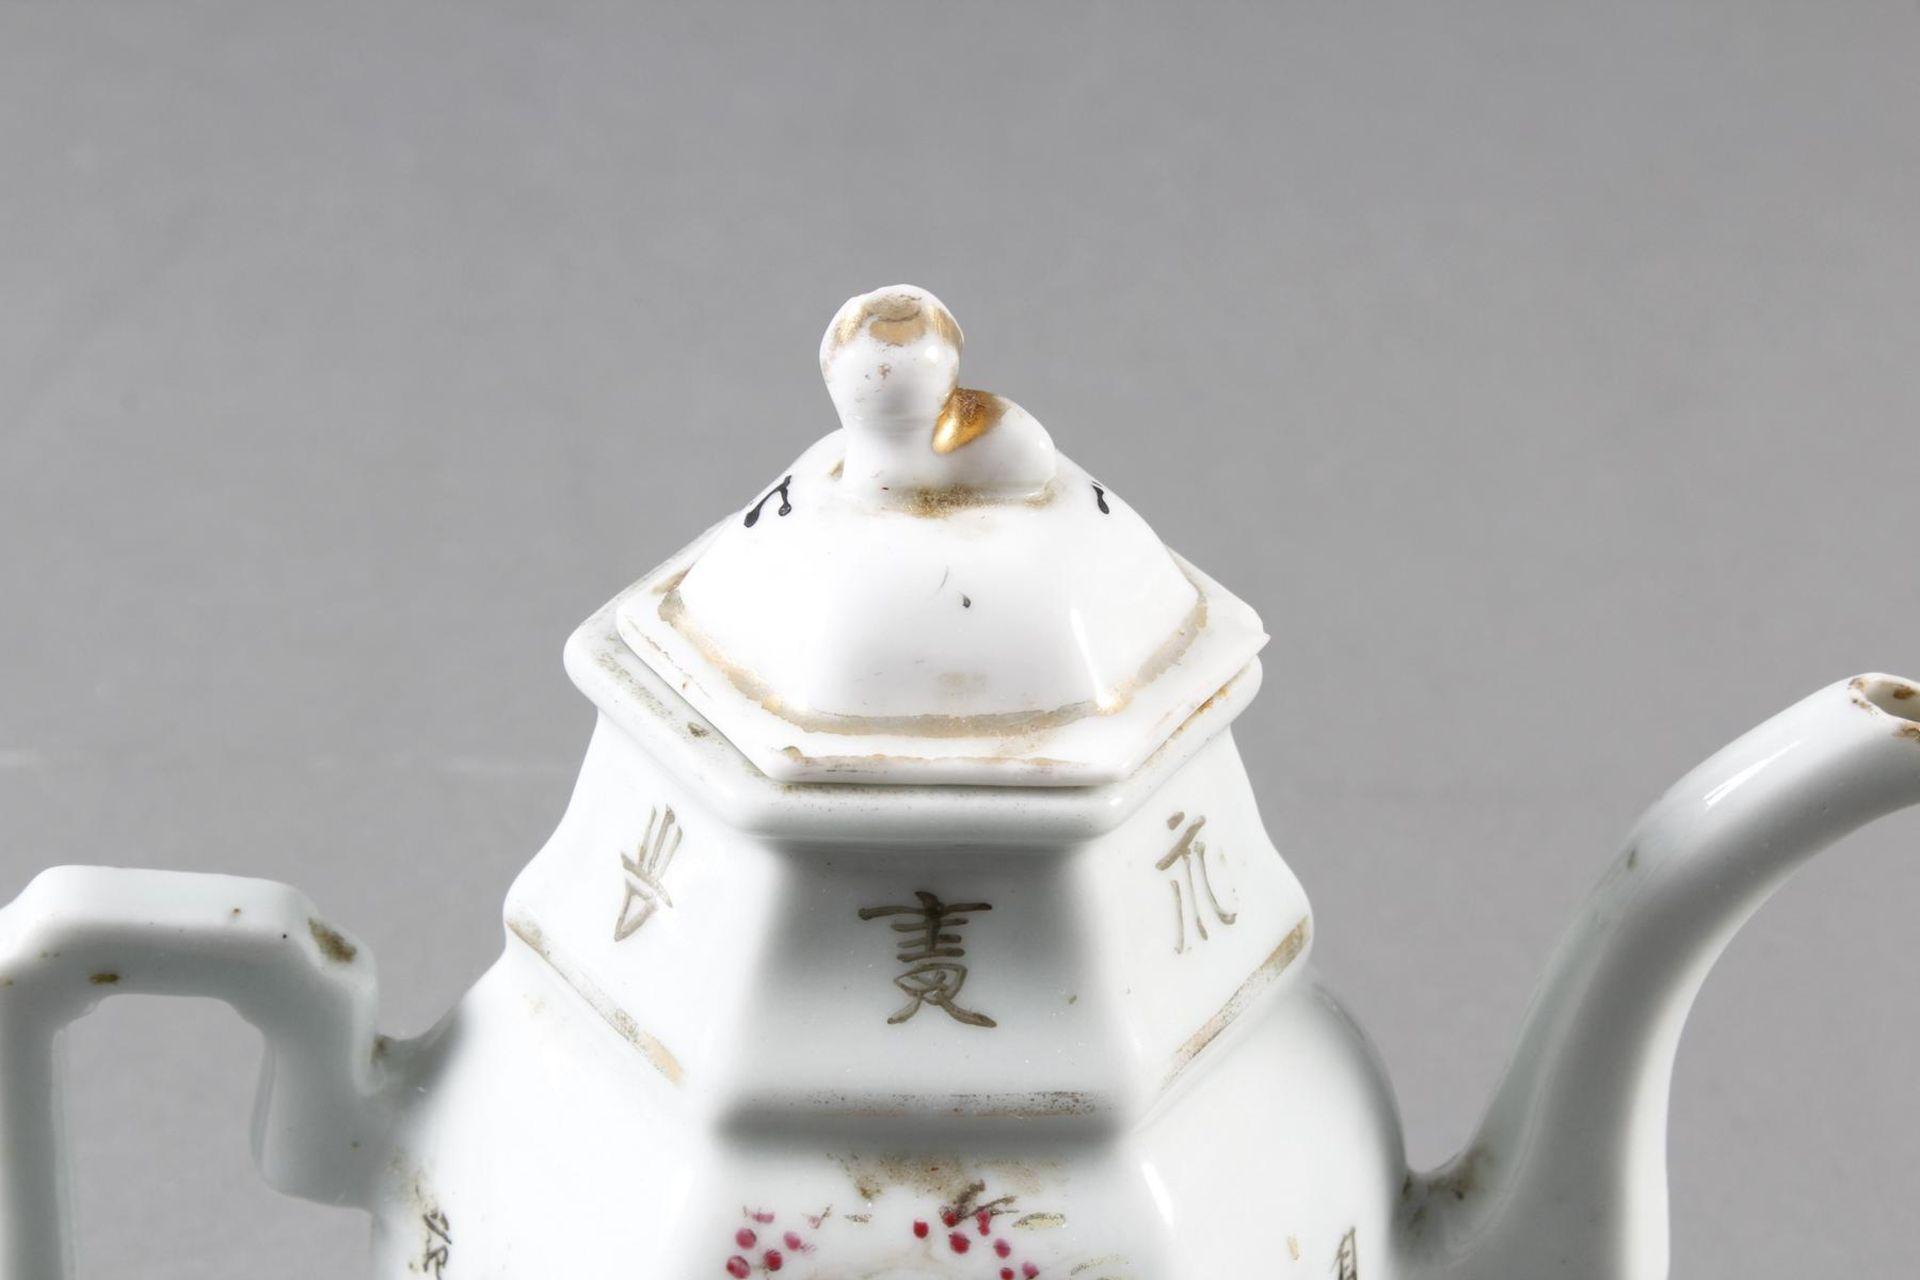 Porzellan Teekann, China, 19. Jahrhundert - Bild 10 aus 15